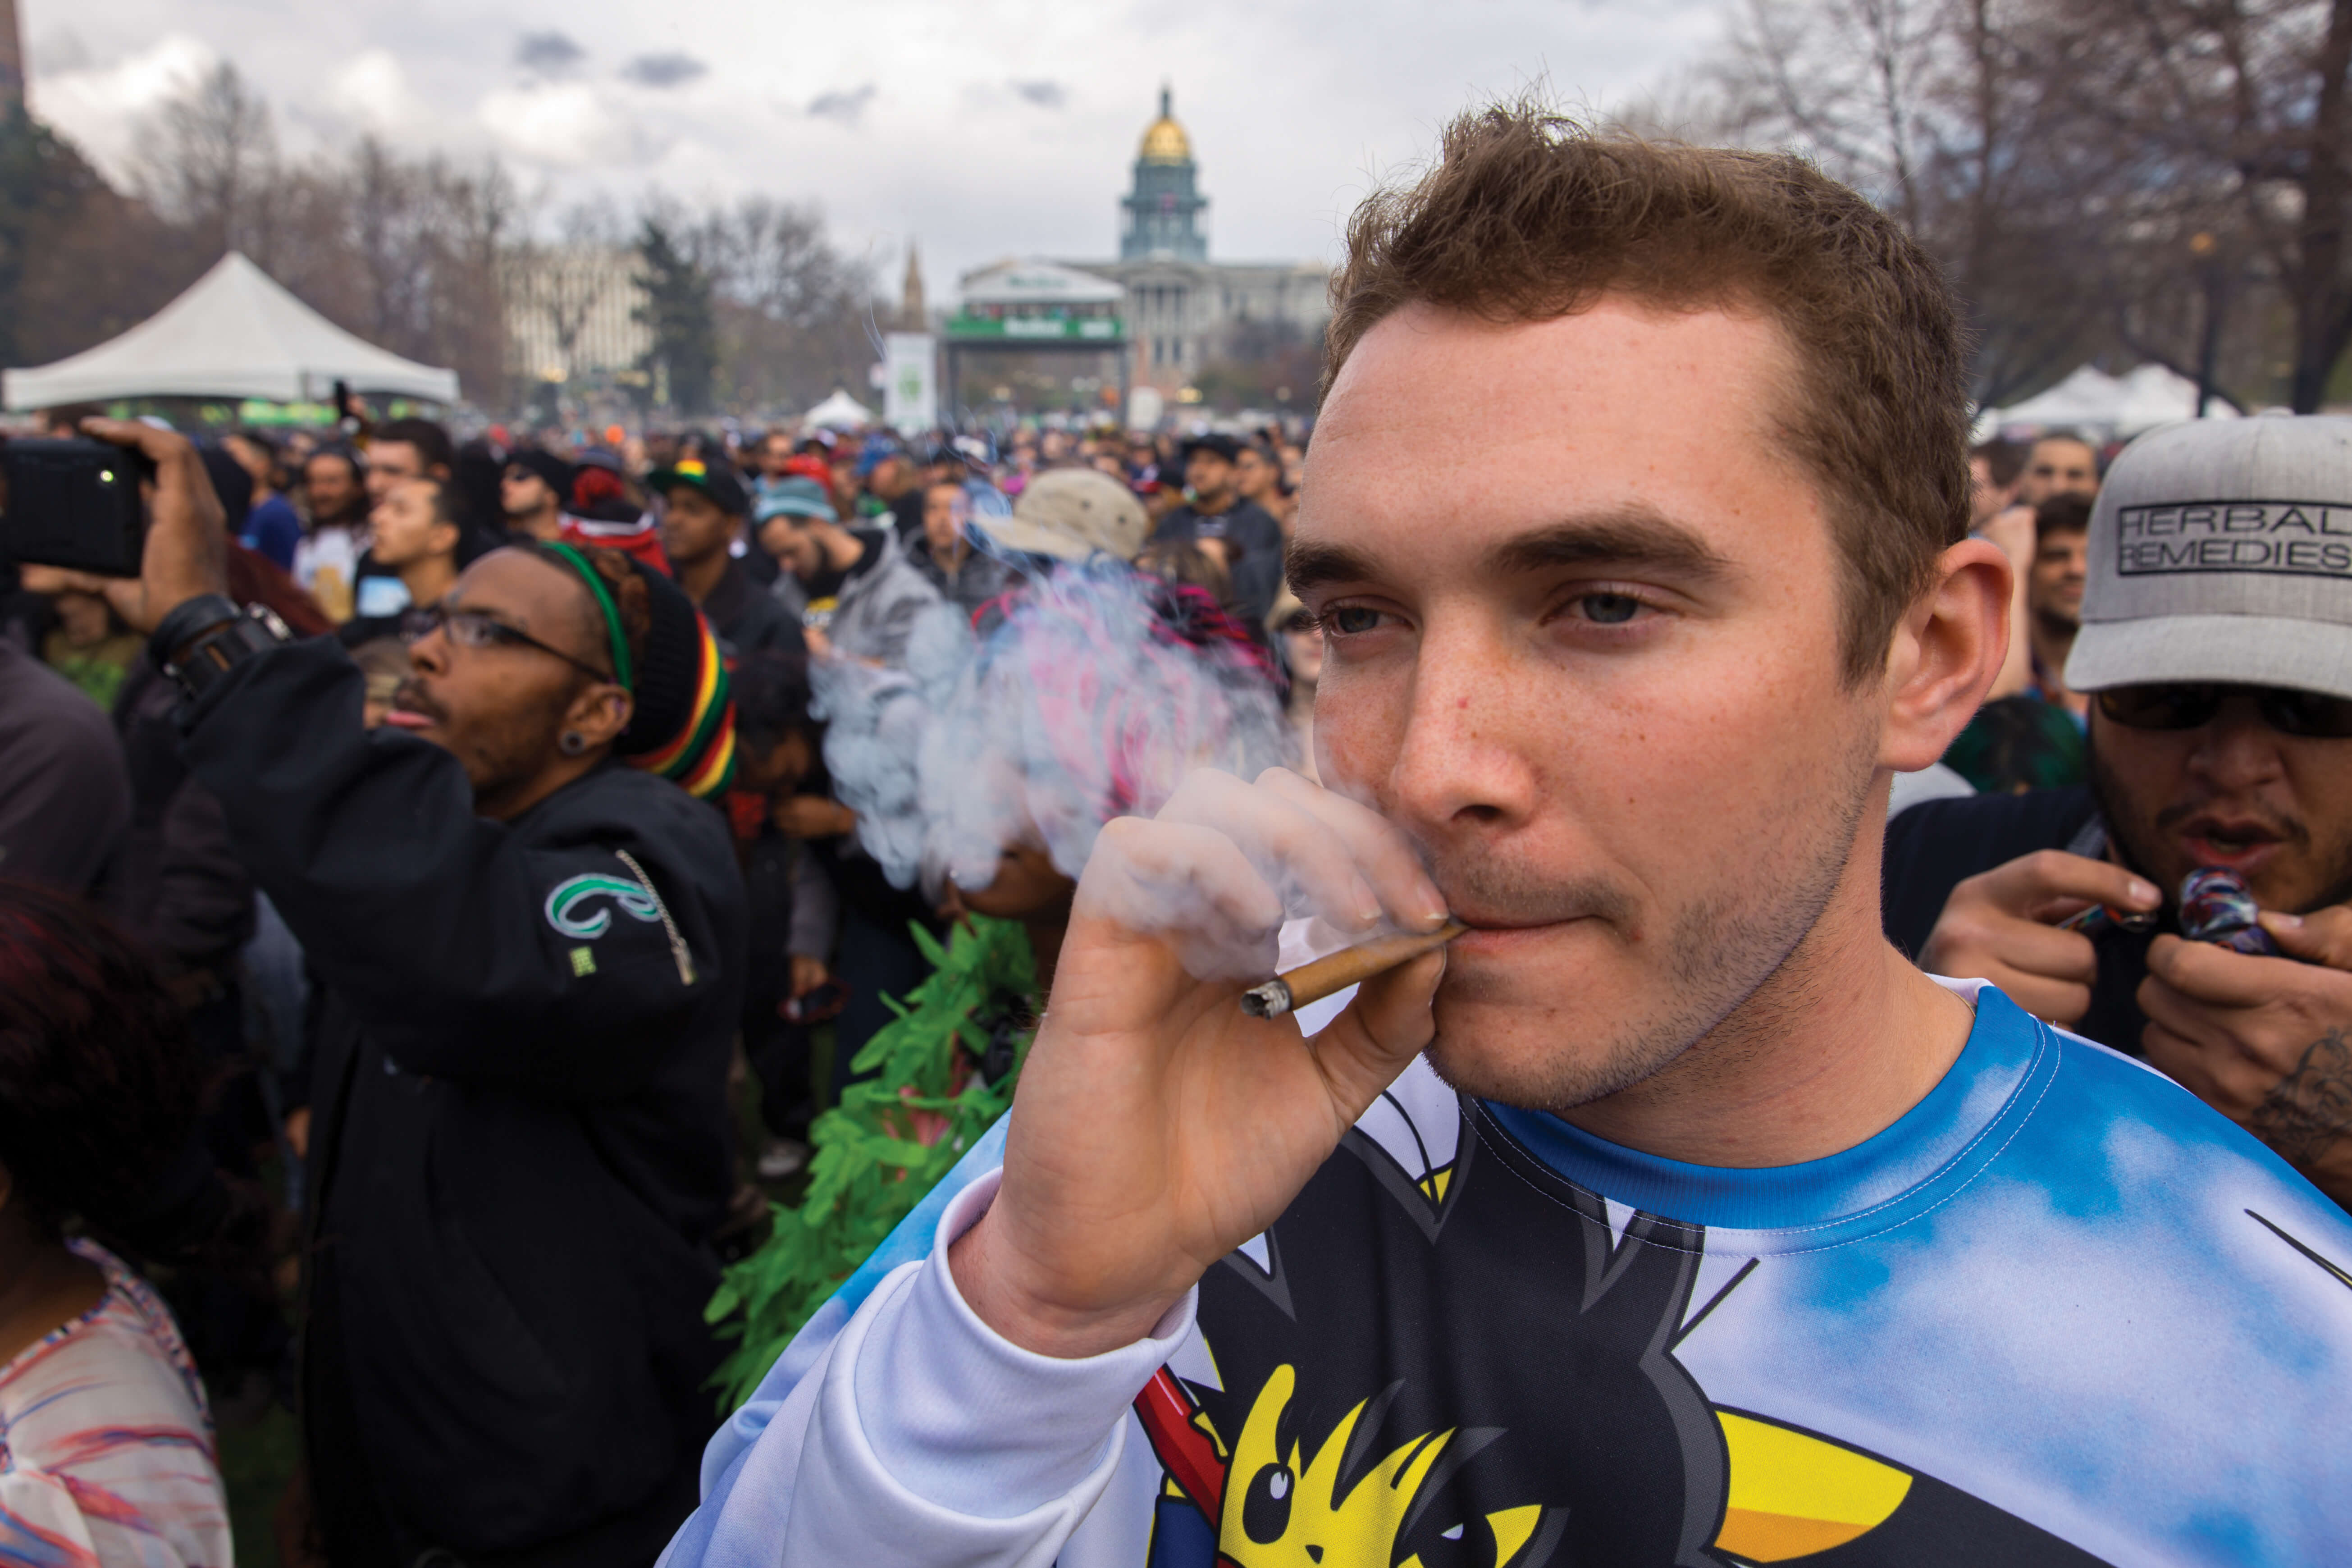 Marijuana may contribute to health risks